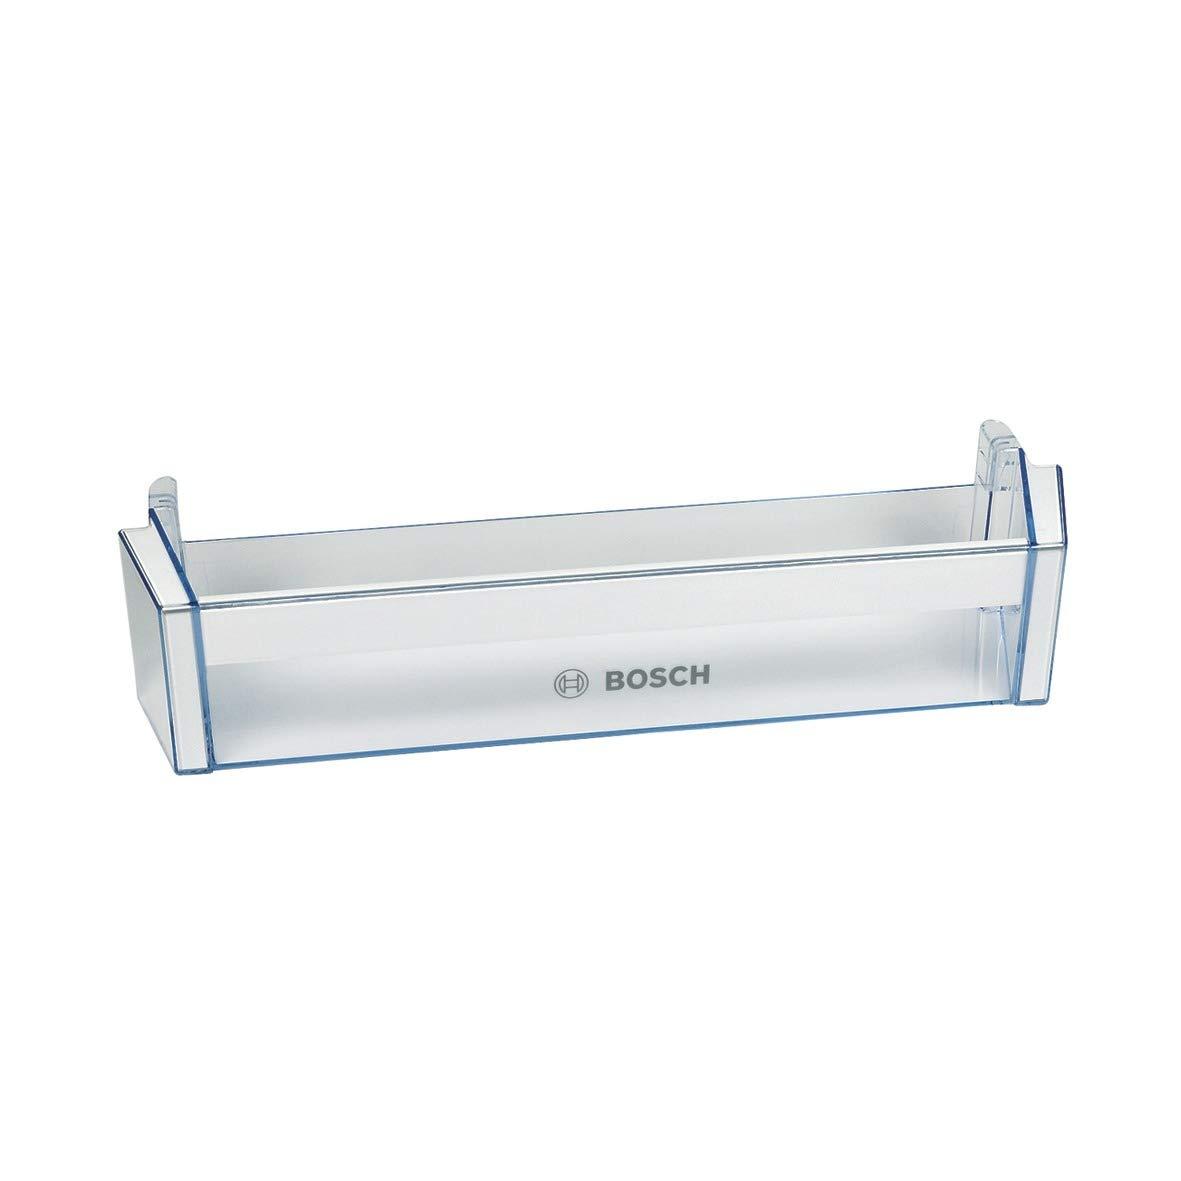 Bosch Siemens Compartimiento de almacenamiento Compartimiento de ...